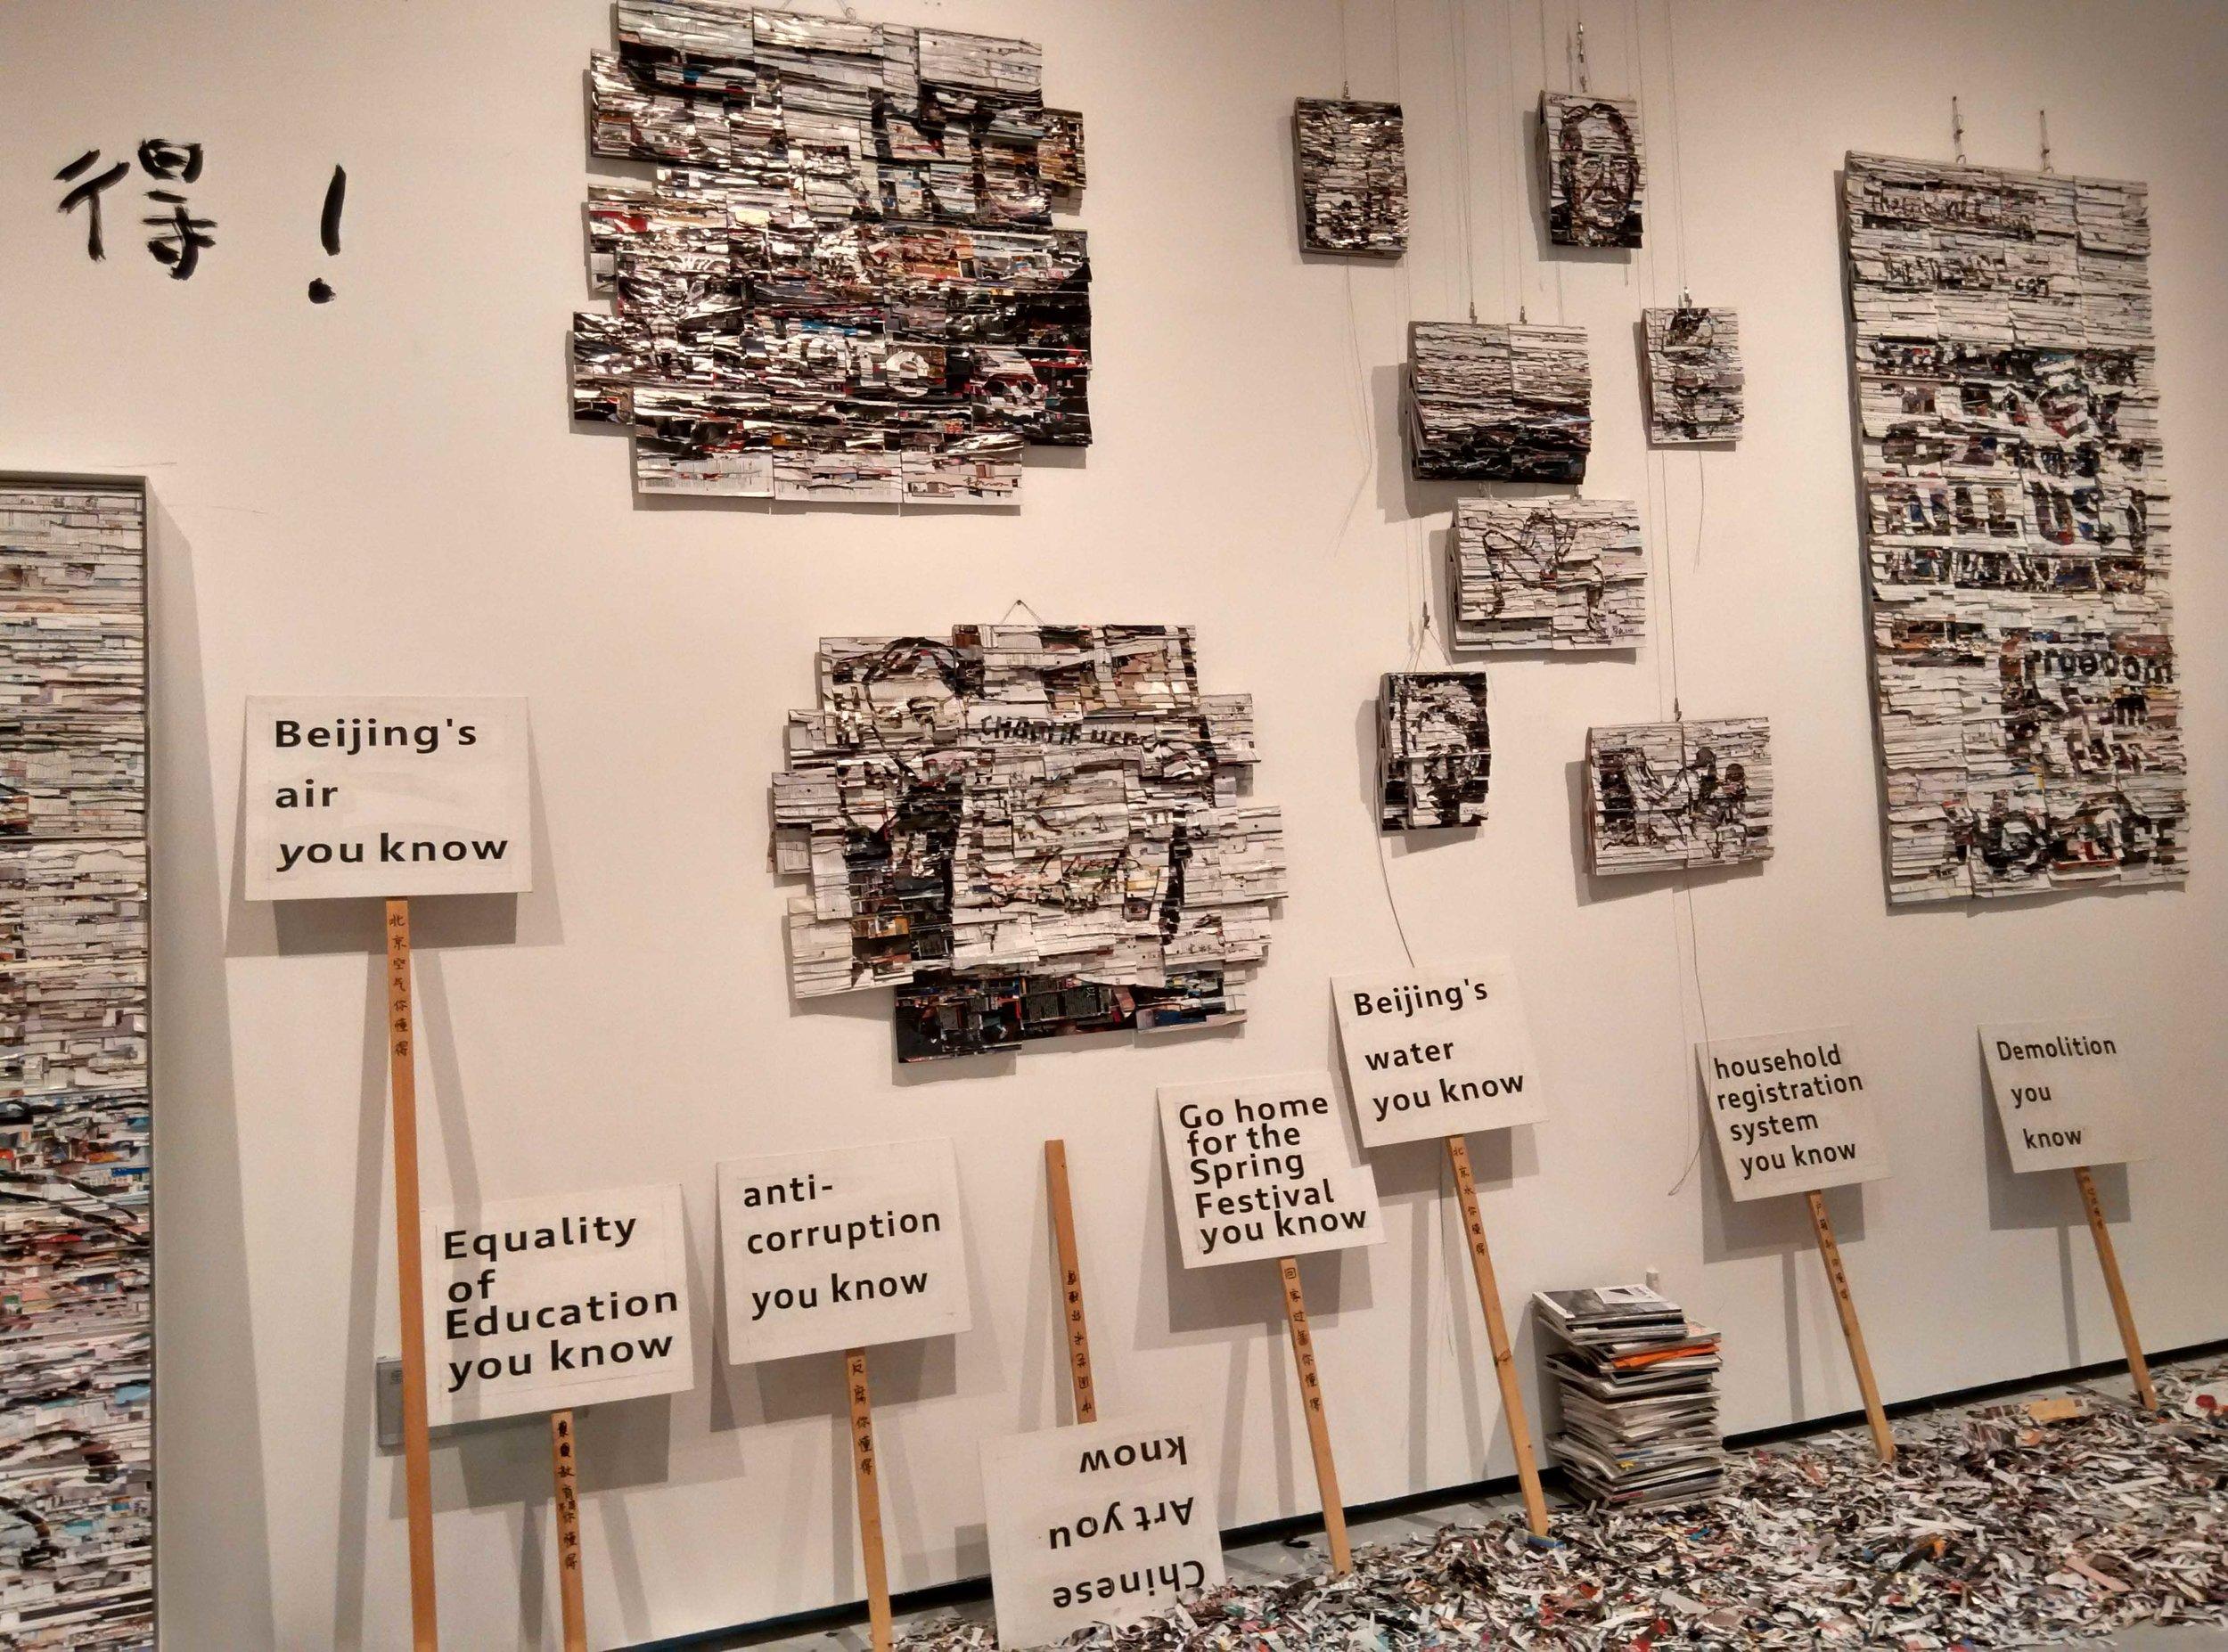 李枪,《你懂得》,2015年。杂志装置,尺寸可变。图片由艺术家提供。